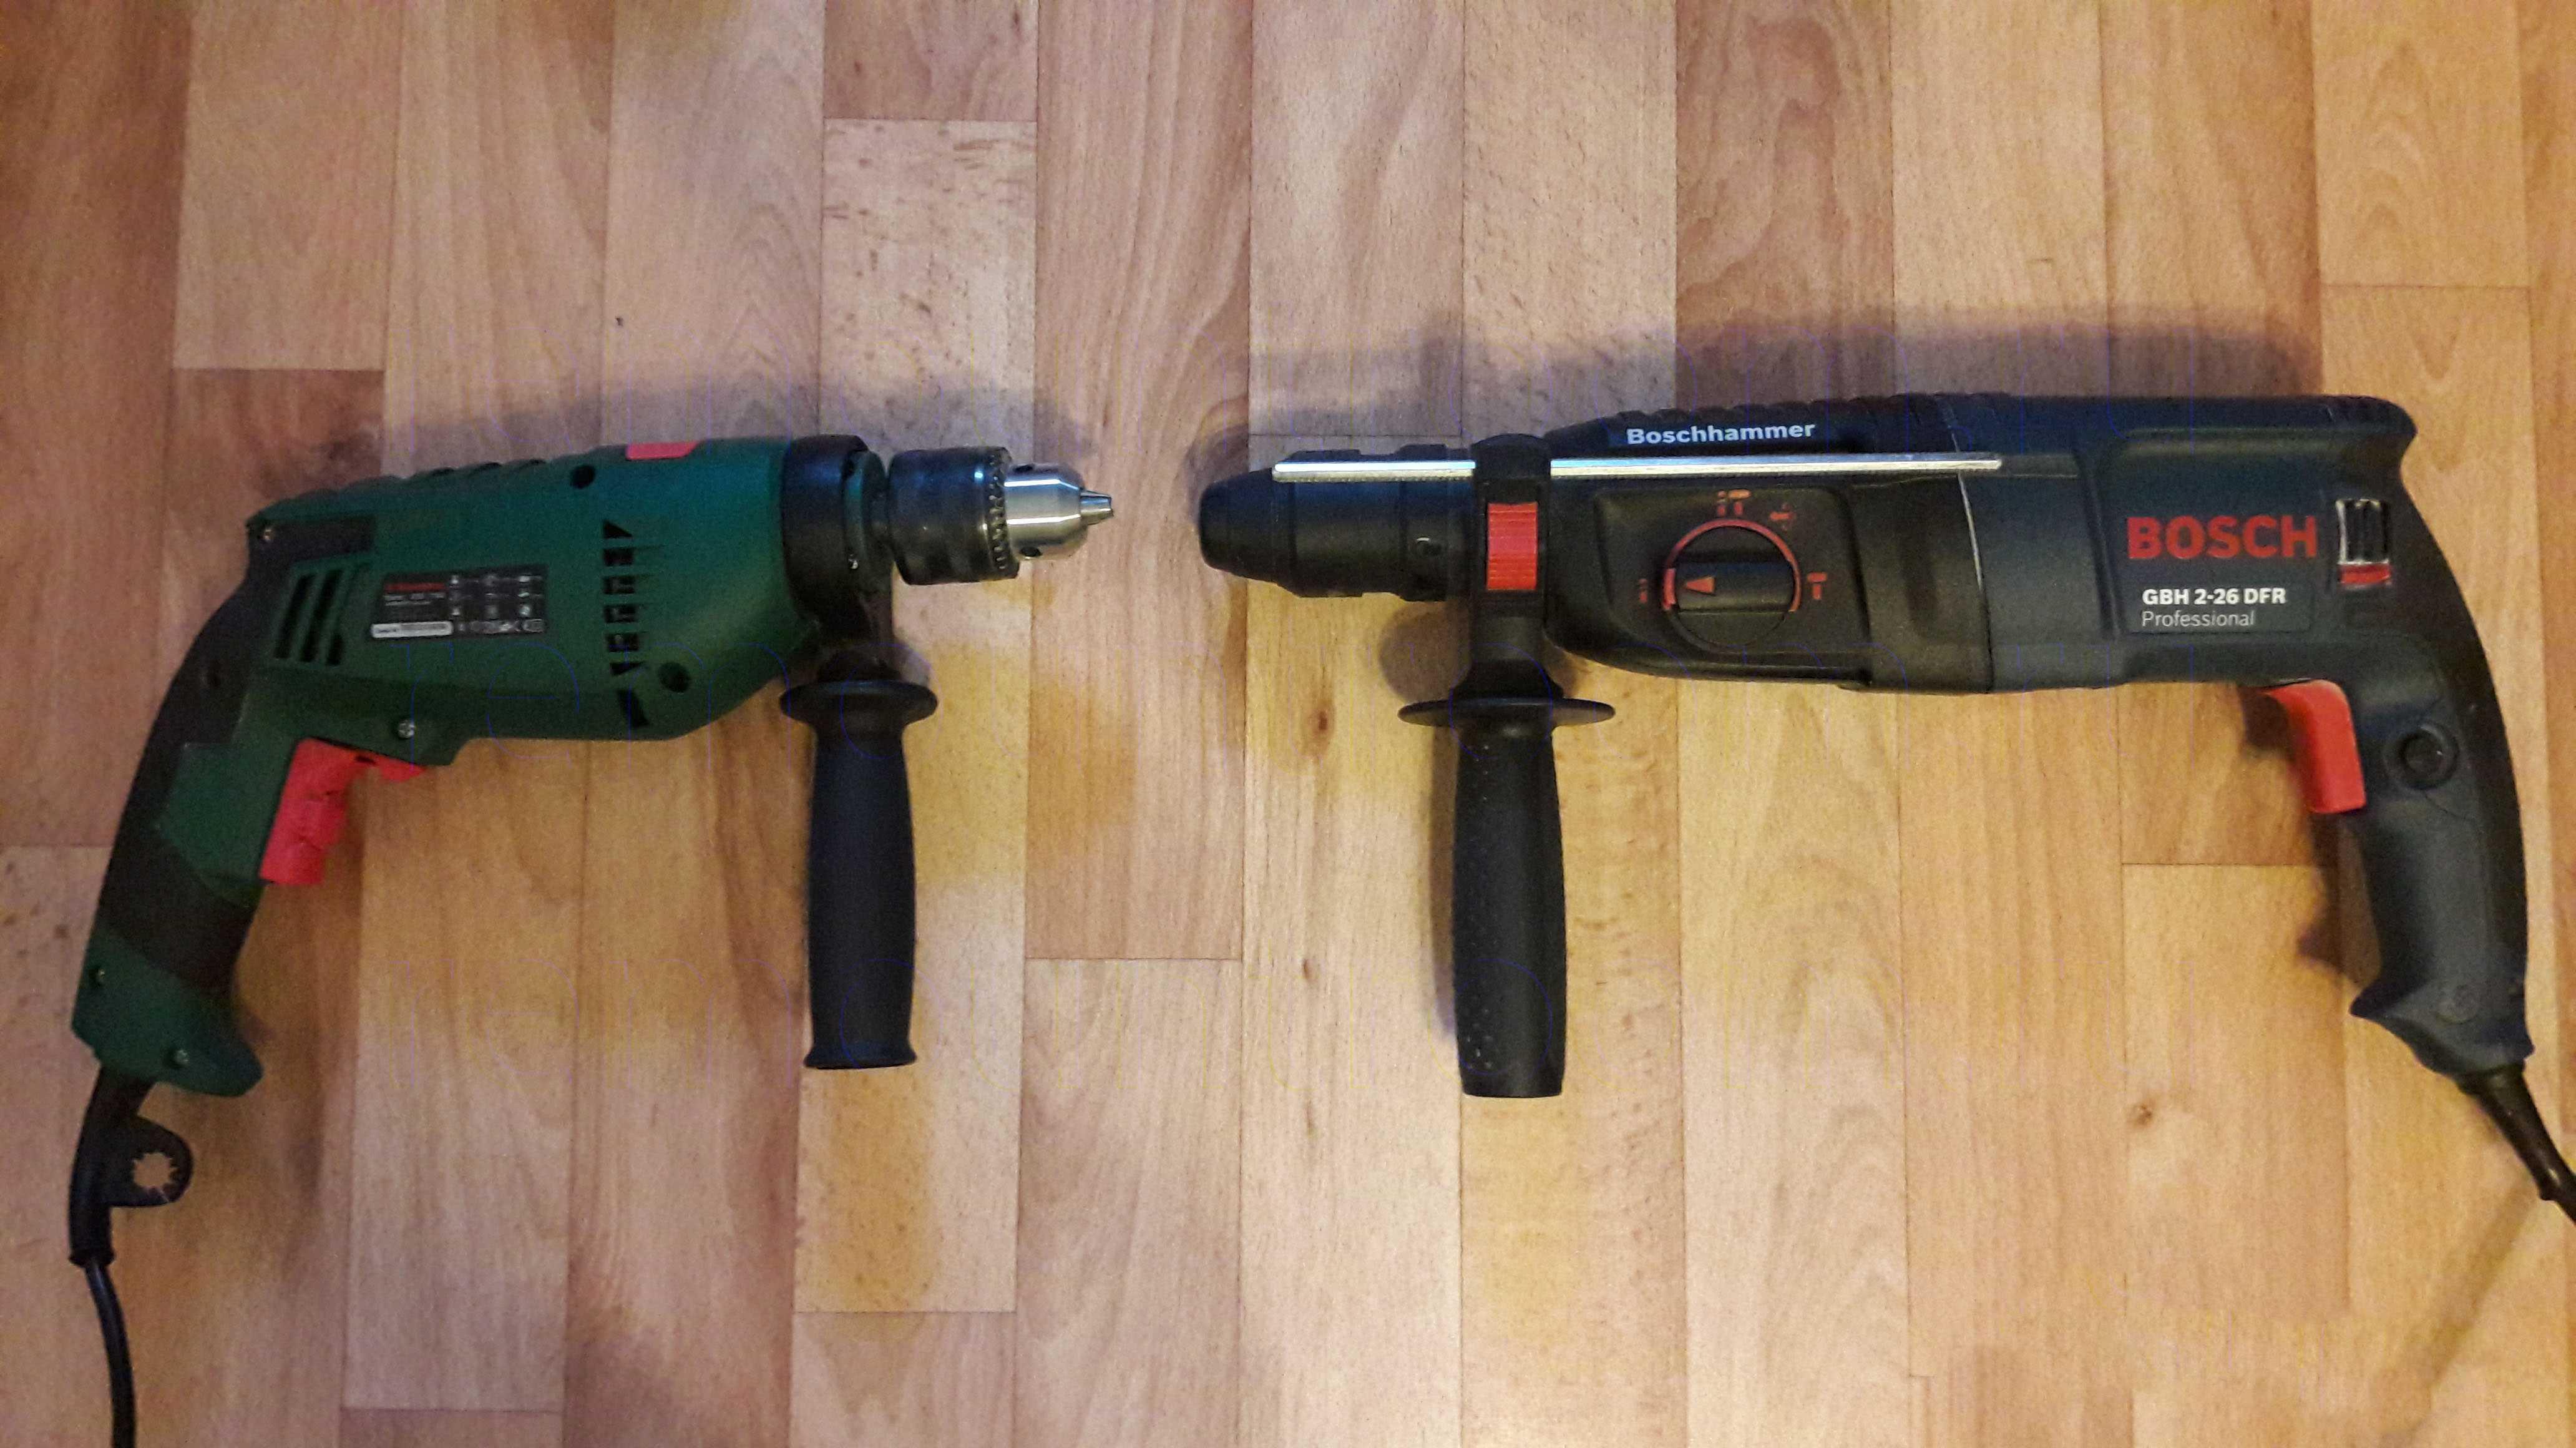 Сегодня мы разберемся как выбрать хороший перфоратор для дома и работы по основным его характеристикам выясним отличия между ударной дрелью и перфоратором